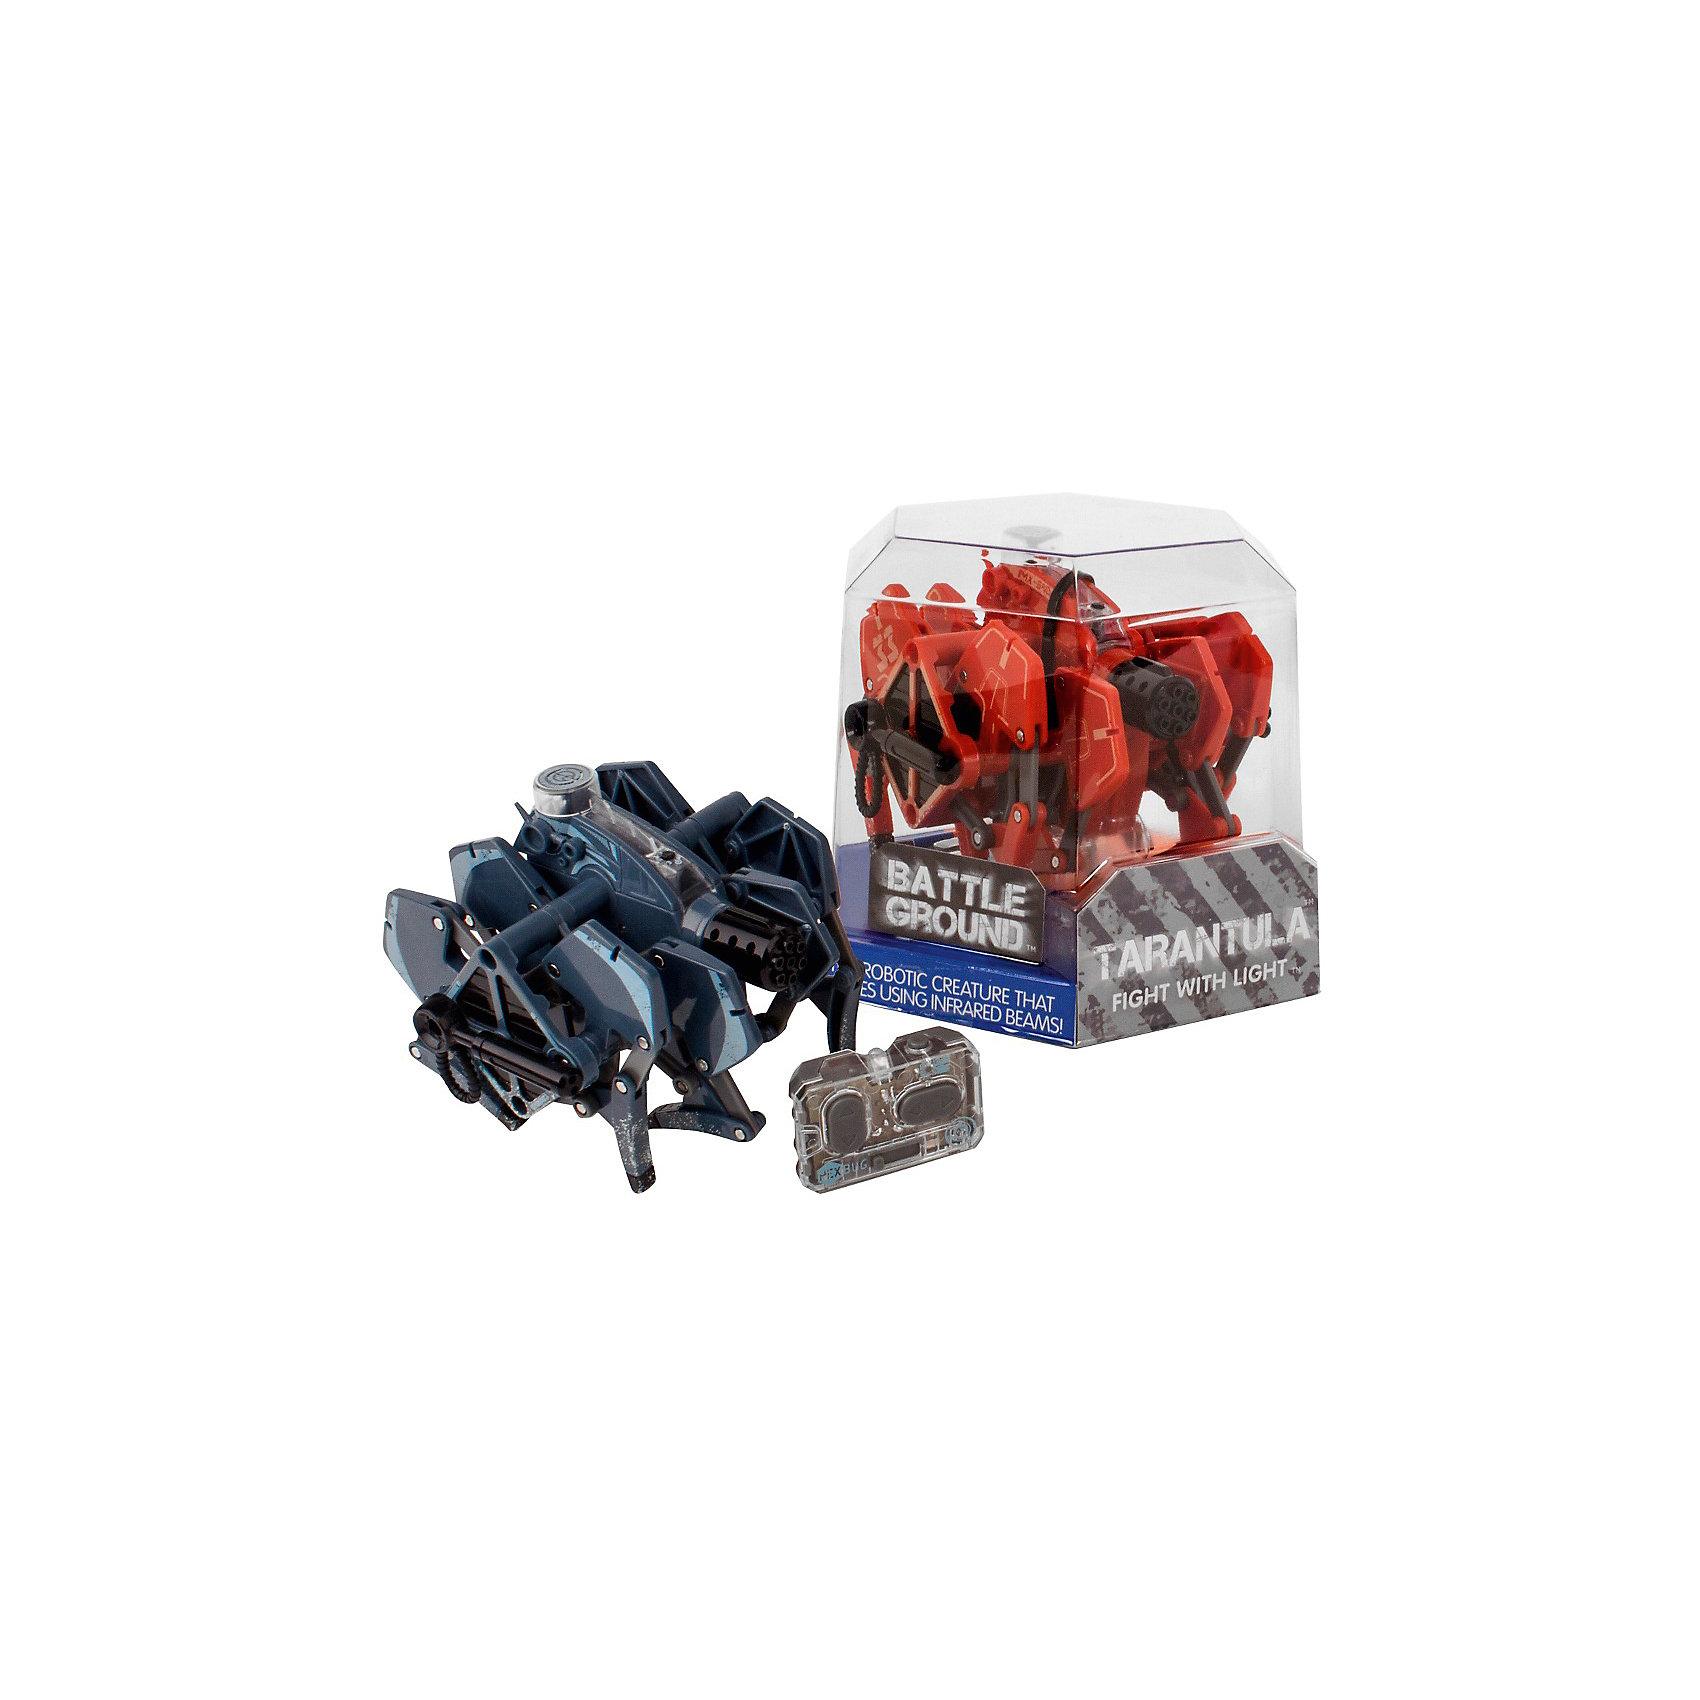 Микро-робот Battle Tarantula, HexbugИнтерактивные игрушки для малышей<br>Микро-робот Battle Tarantula, Hexbug (Хексбаг)<br><br>Характеристики:<br><br>• световые и звуковые эффекты<br>• автоматическое отключение<br>• батарейки: LR44 - 5 шт.<br>• материал: пластик, металл<br>• размер упаковки: 14х14х11 см<br>• вес: 175 грамм<br><br>Микроробот Battle Tarantula понравится каждому любителю захватывающих сражений. Прочная конструкция робота способна выдержать удар самого сильного противника. Игрушка оснащена световыми и звуковыми эффектами. После десяти попаданий по противнику робот автоматически отключается. Выключите и включите робота, чтобы он снова ринулся в бой.<br><br>Микро-робота Battle Tarantula, Hexbug (Хексбаг) можно купить в нашем интернет-магазине.<br><br>Ширина мм: 160<br>Глубина мм: 80<br>Высота мм: 120<br>Вес г: 230<br>Возраст от месяцев: 36<br>Возраст до месяцев: 2147483647<br>Пол: Унисекс<br>Возраст: Детский<br>SKU: 5507191